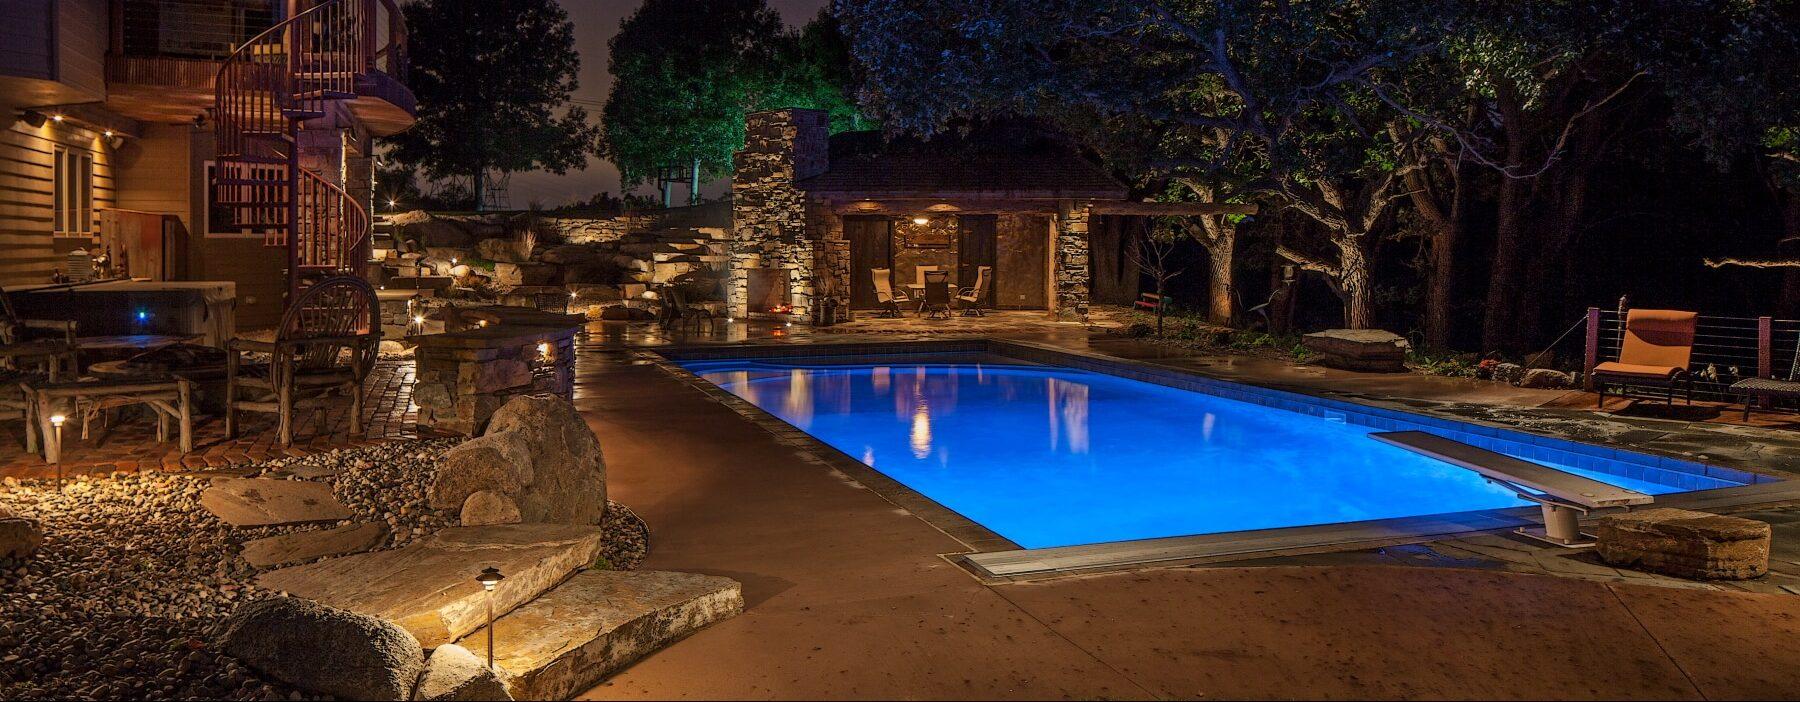 Outdoor Lighting Design Omaha NE